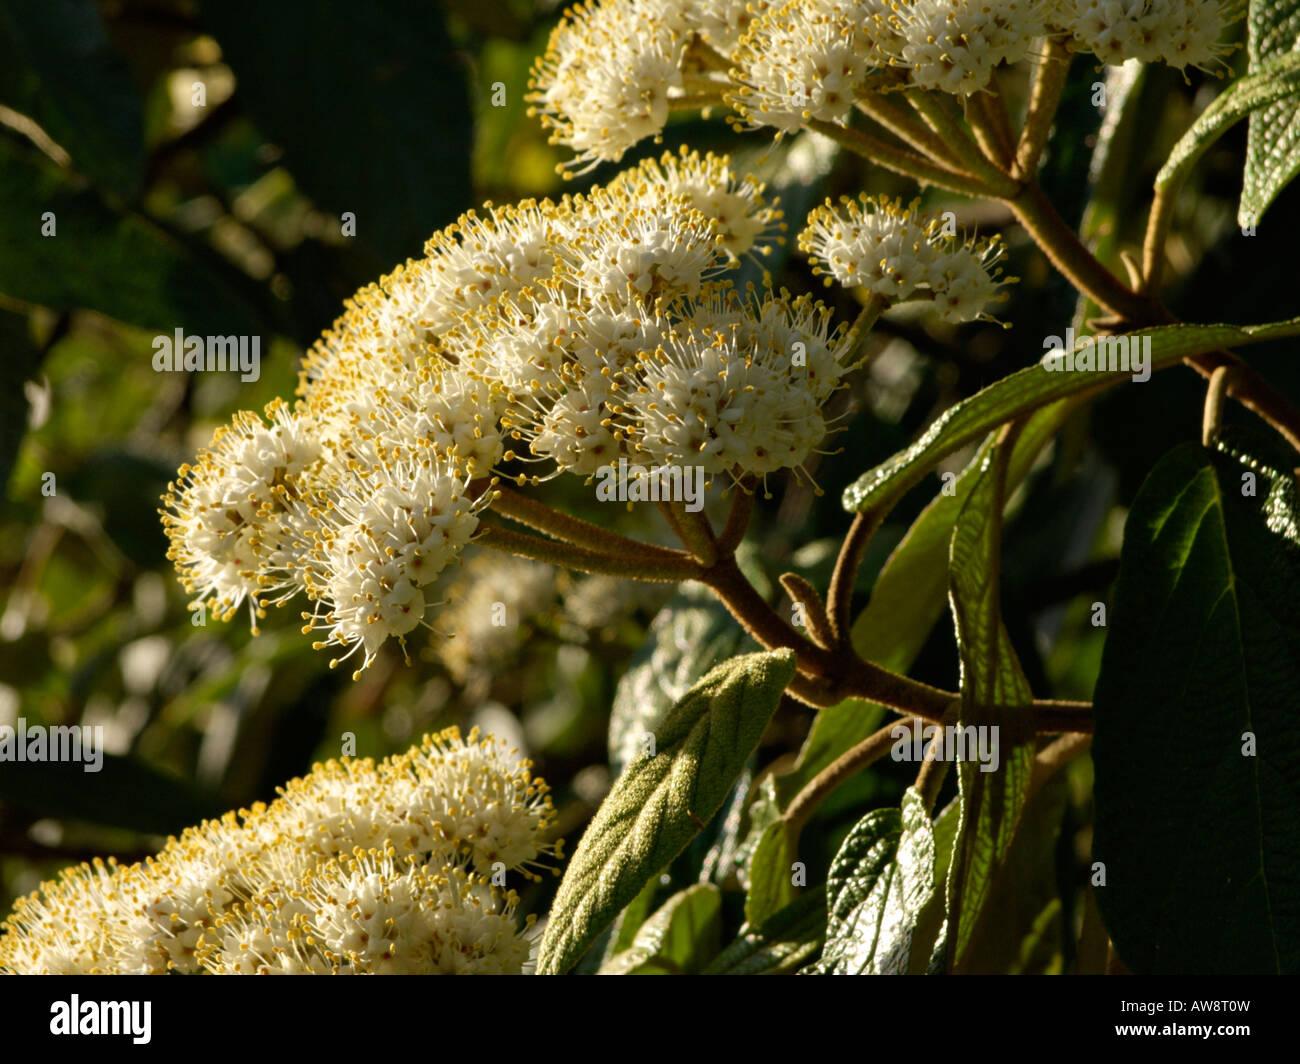 Leatherleaf viburnum (Viburnum rhytidophyllum) - Stock Image